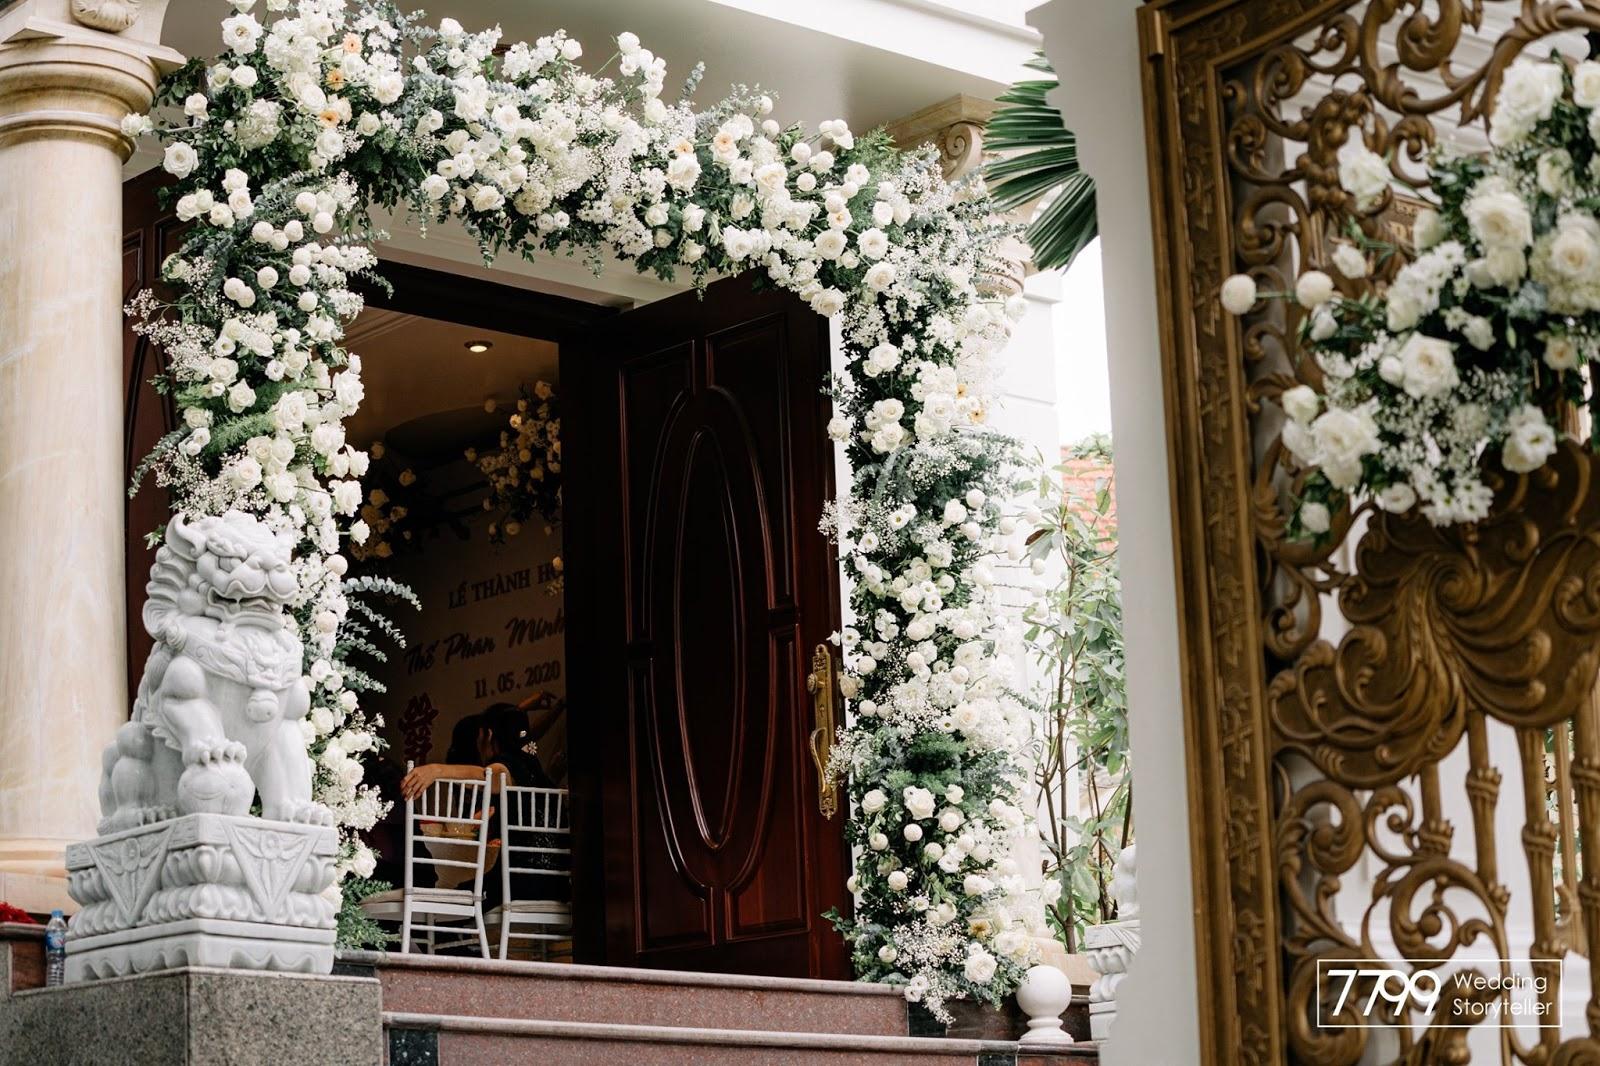 Màu trắng cưới cho Đinh Sửu 1997